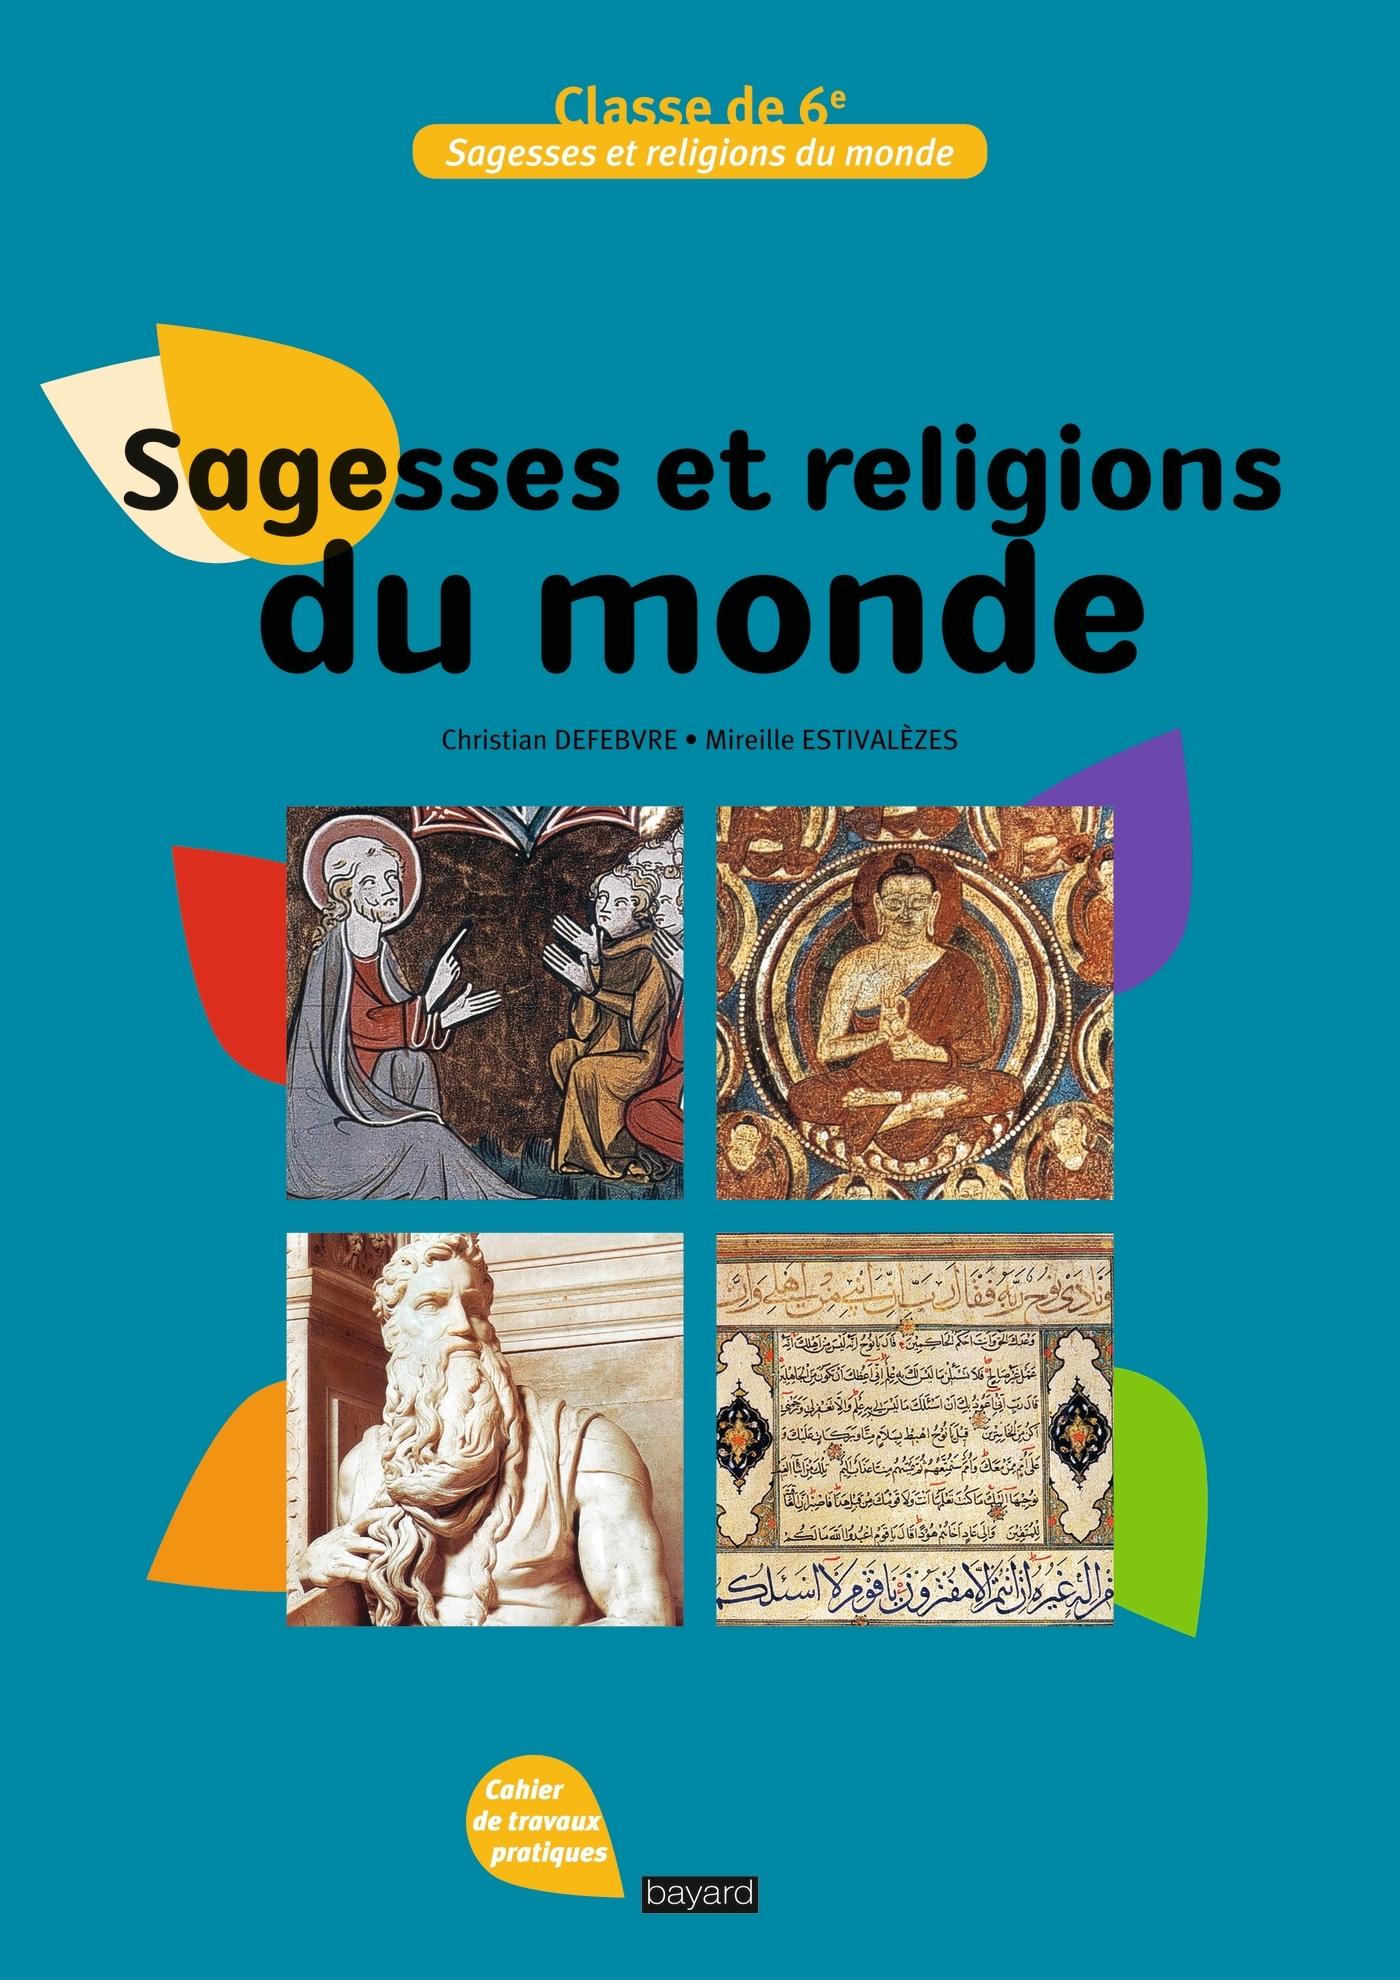 SAGESSES ET RELIGIONS DU MONDE : CAHIER DE TRAVAUX PRATIQUES, CLASSE DE 6E